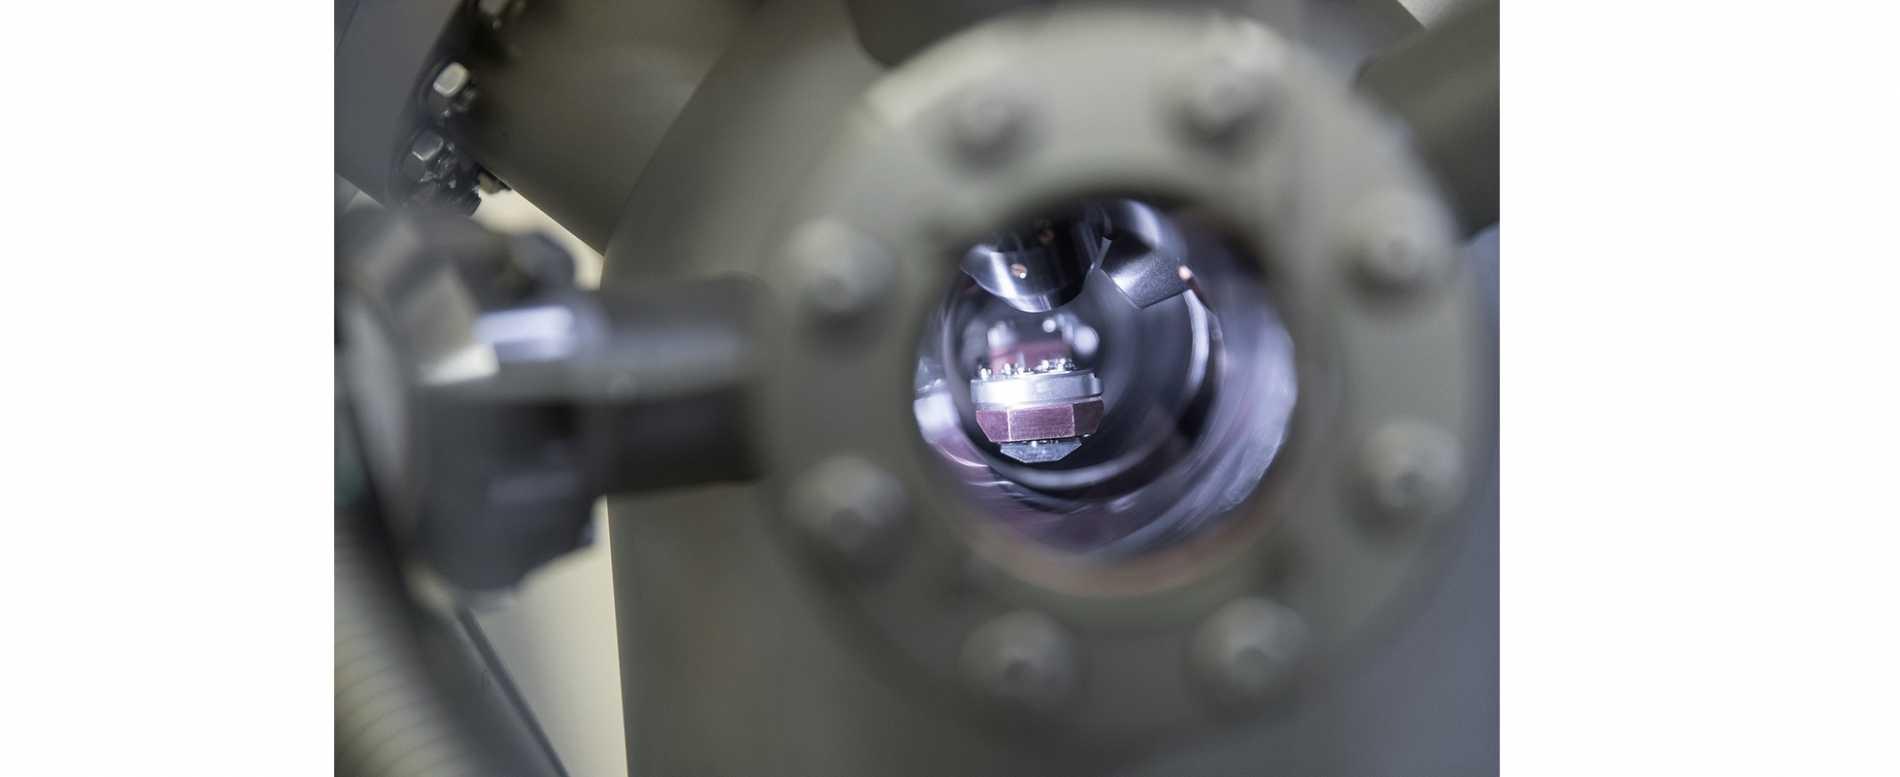 Наши сотрудники зафиксировали образование наночастиц серебра в ионообменном стекле